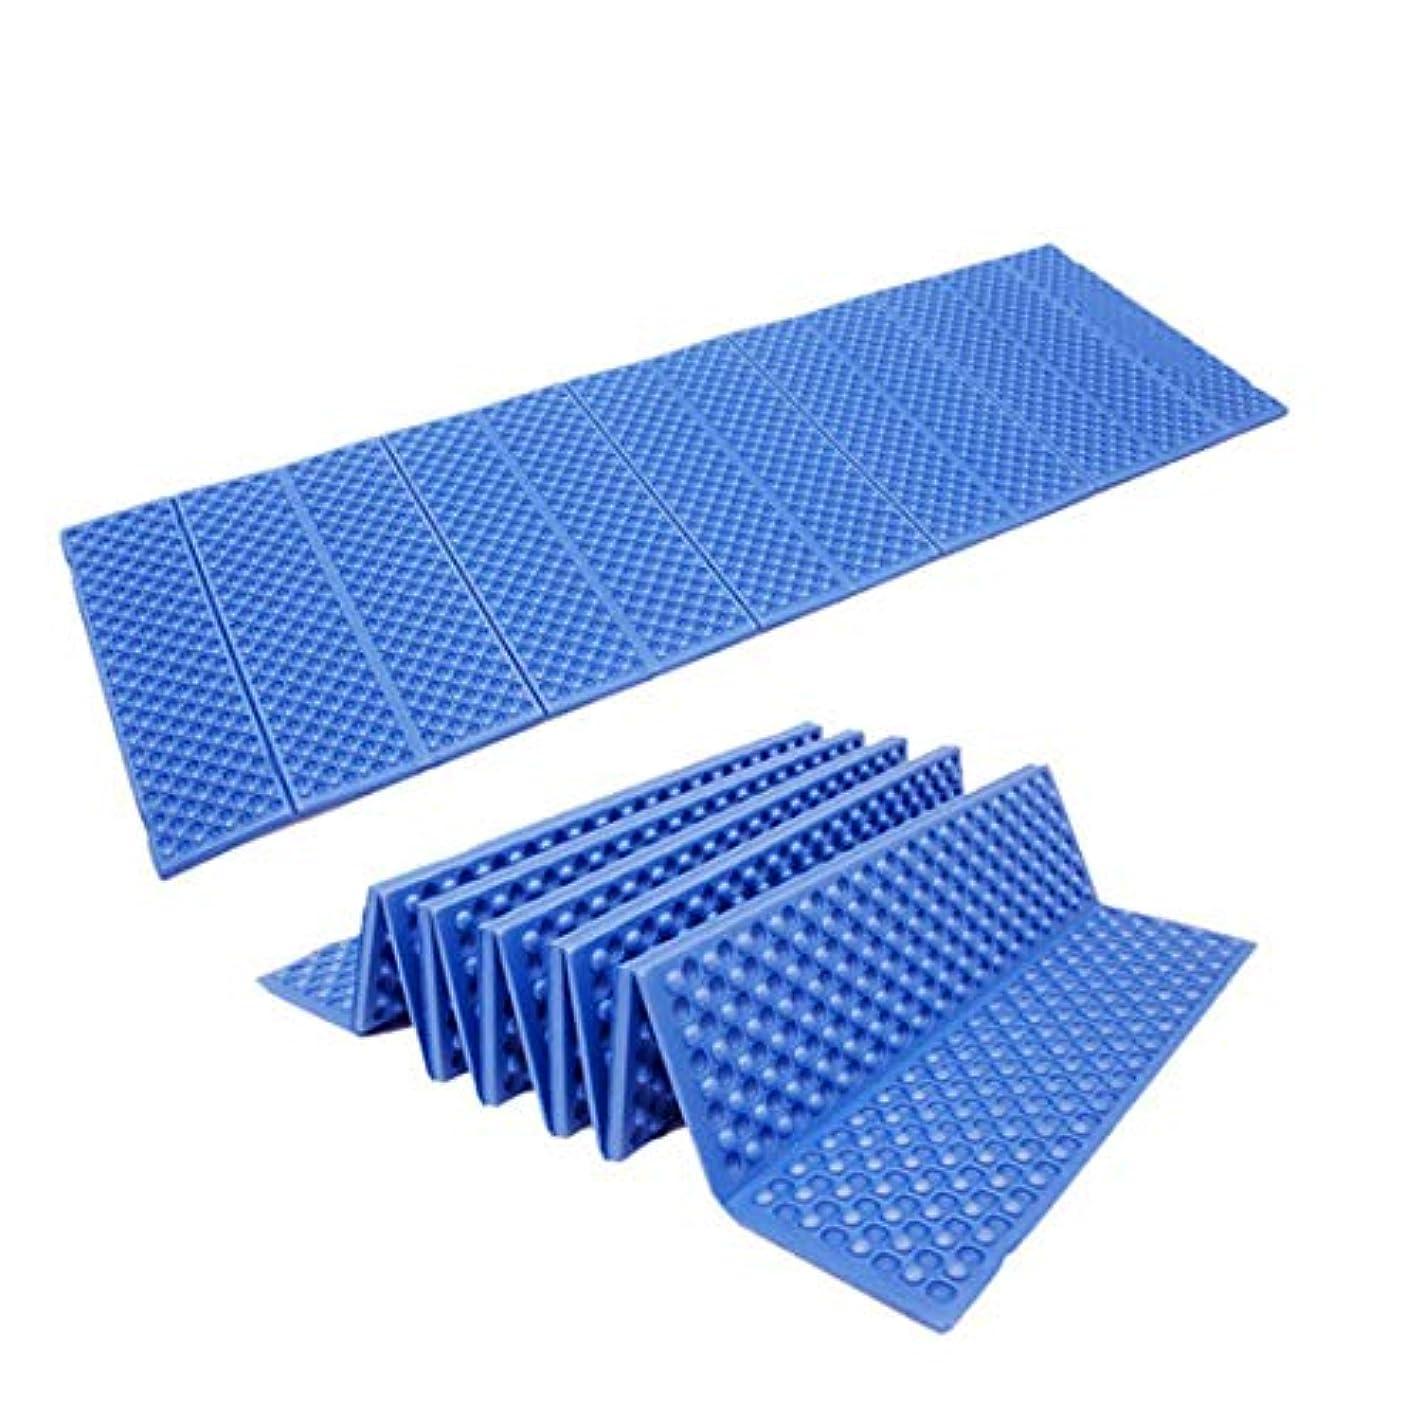 メンタリティ絡み合いハリケーンノウ建材貿易 自動インフレータブルクッションは厚くなったマットピクニックショーキャンプ寝床ダブルエアベッド (色 : 青)